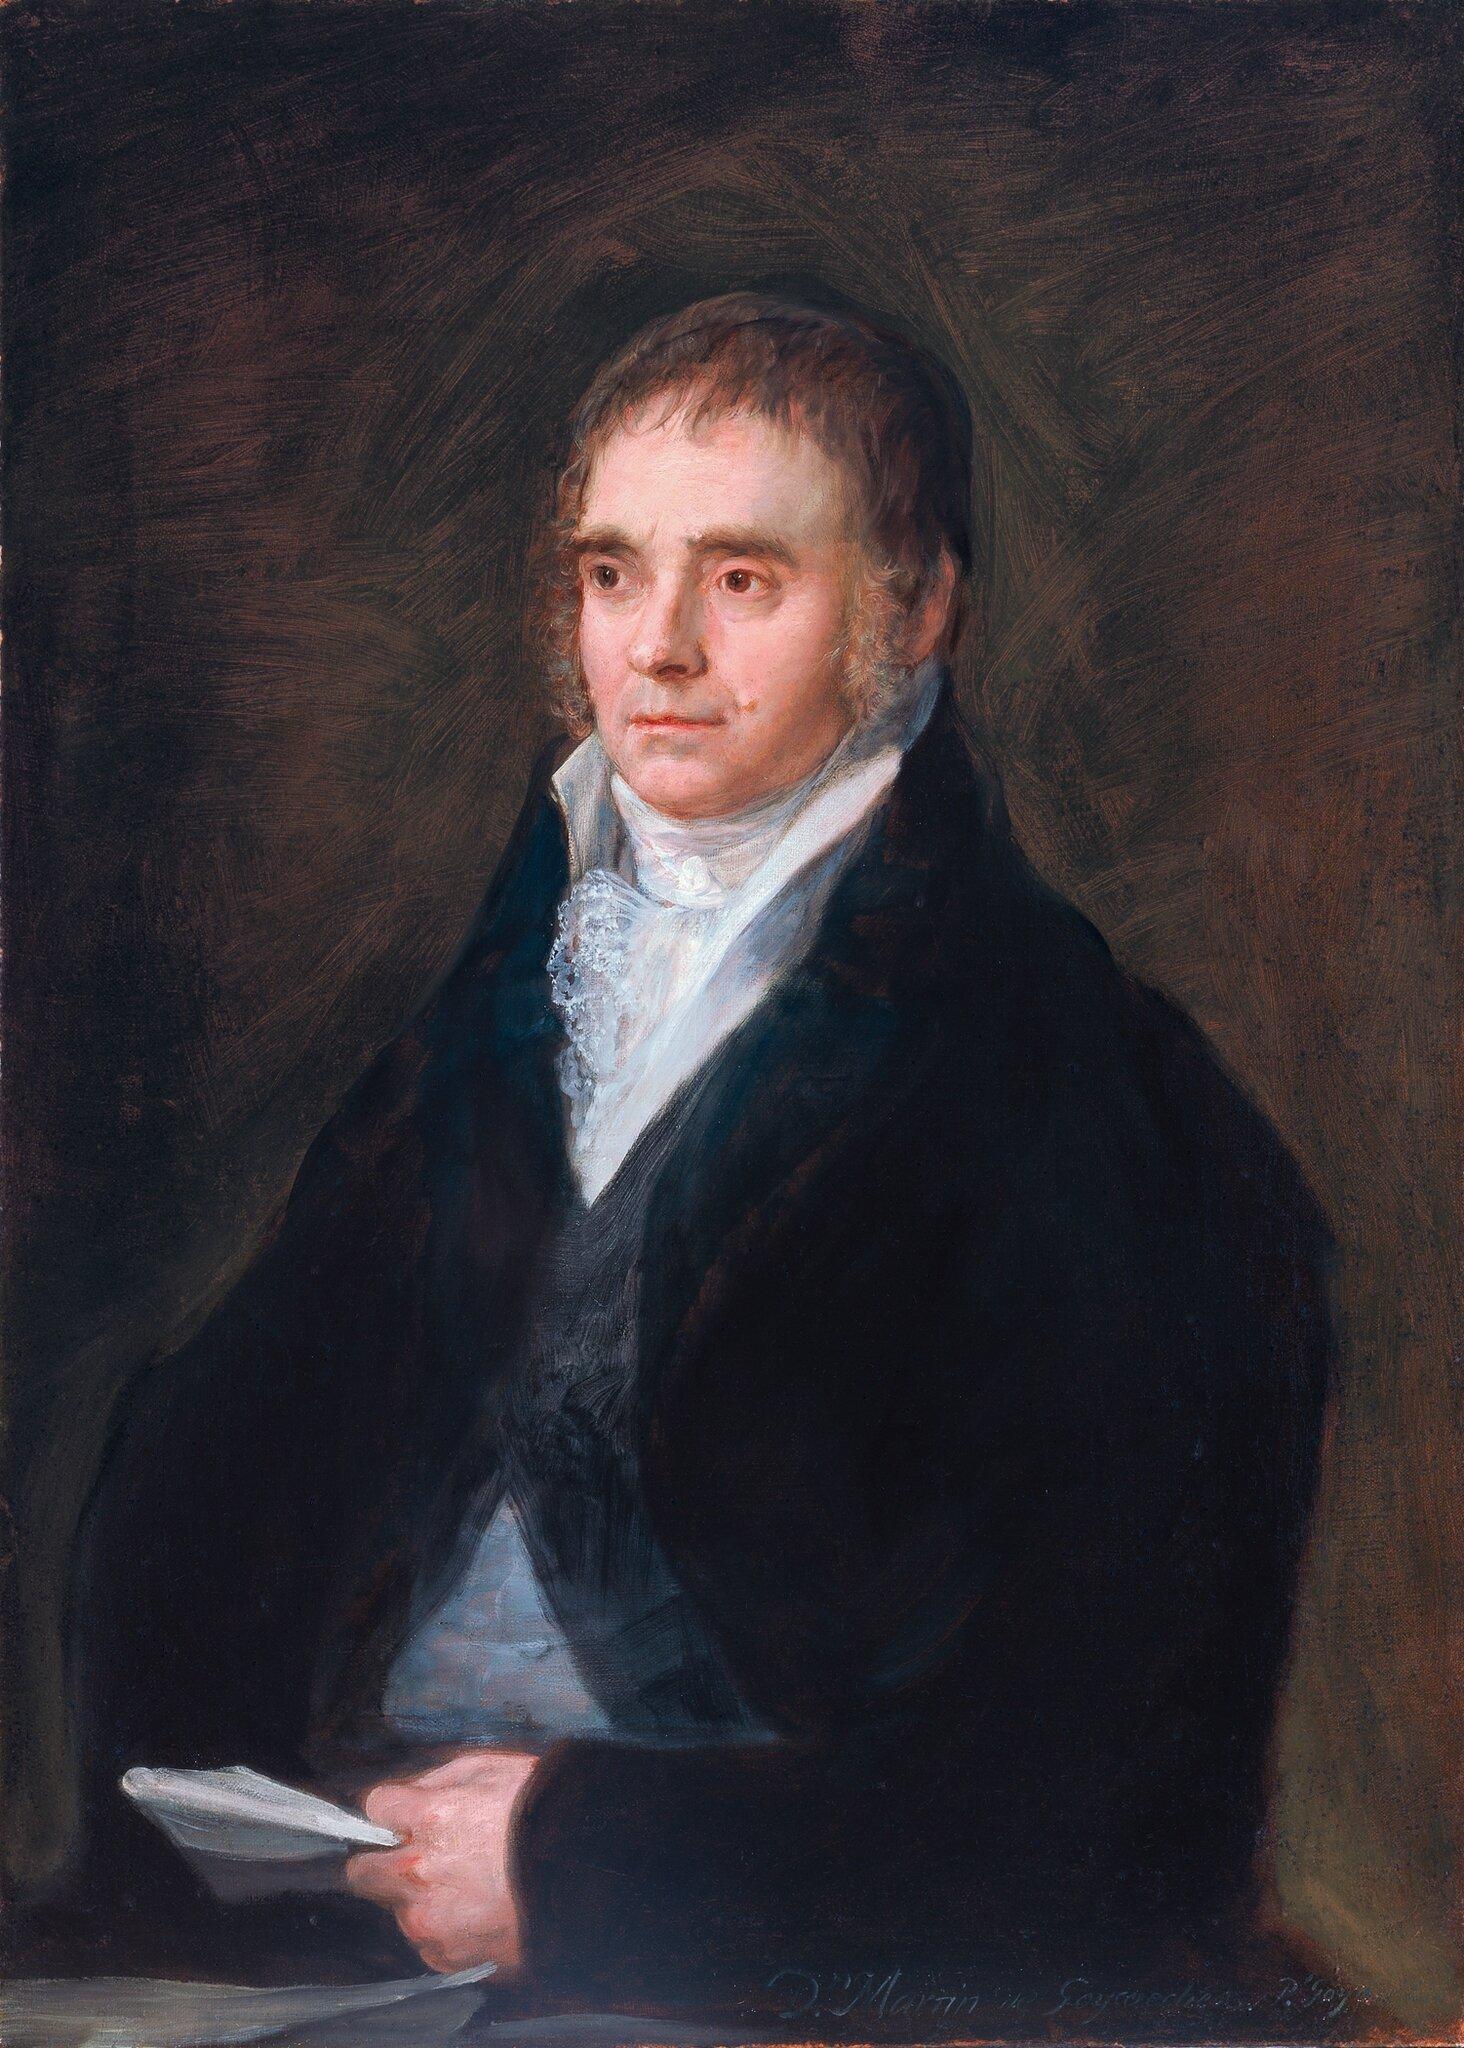 Francisco José de Goya y Lucientes (Spanish, 1746-1828), Portrait of Martín Miguel de Goicoechea, 1810